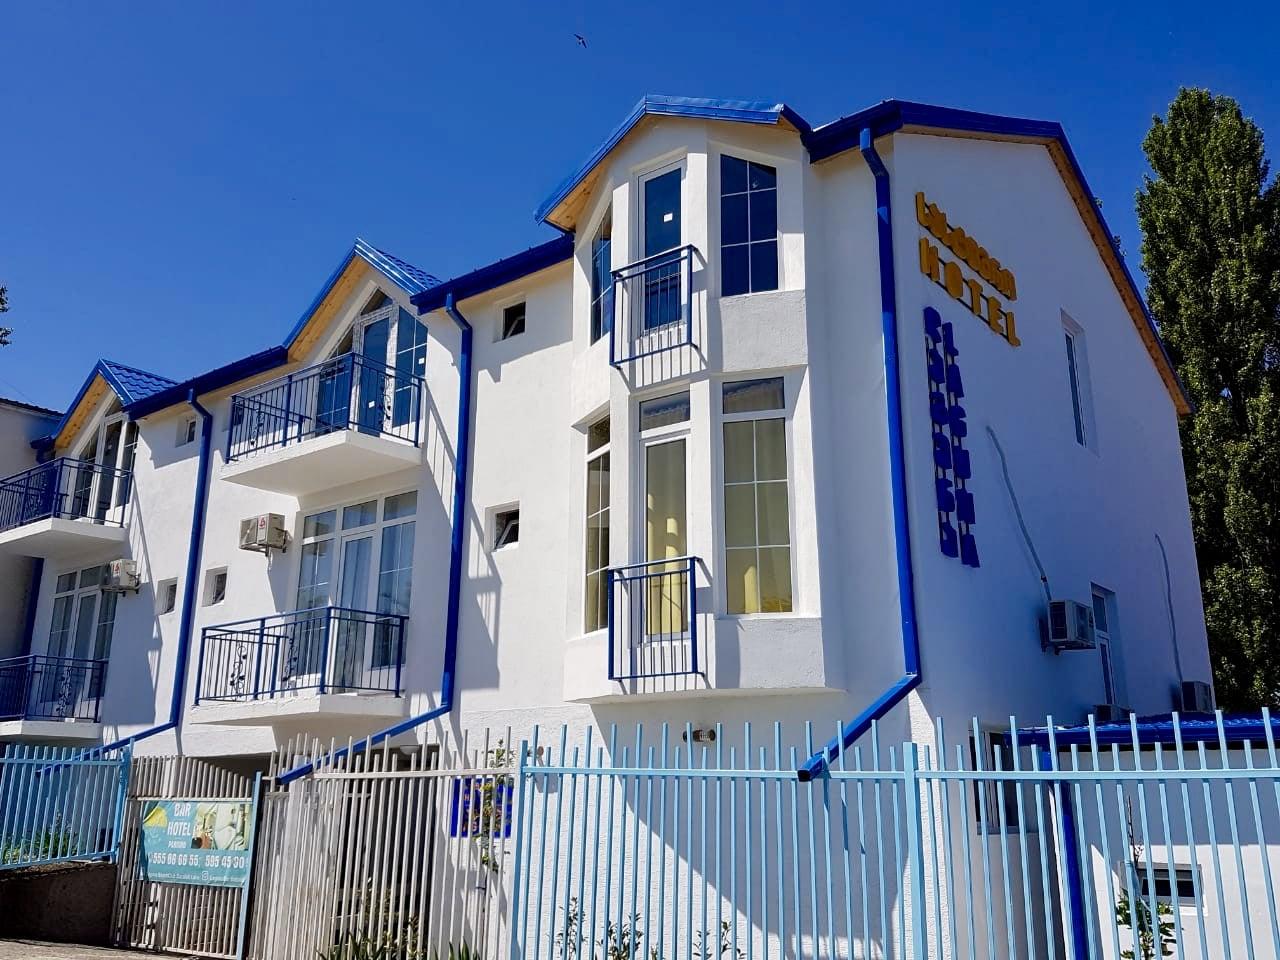 Гостиница, отель, ресторан, пляжный бар Лагуна на озере Базалети, Грузия, Военно-Грузинская дорога, Тбилиси - Казбеги